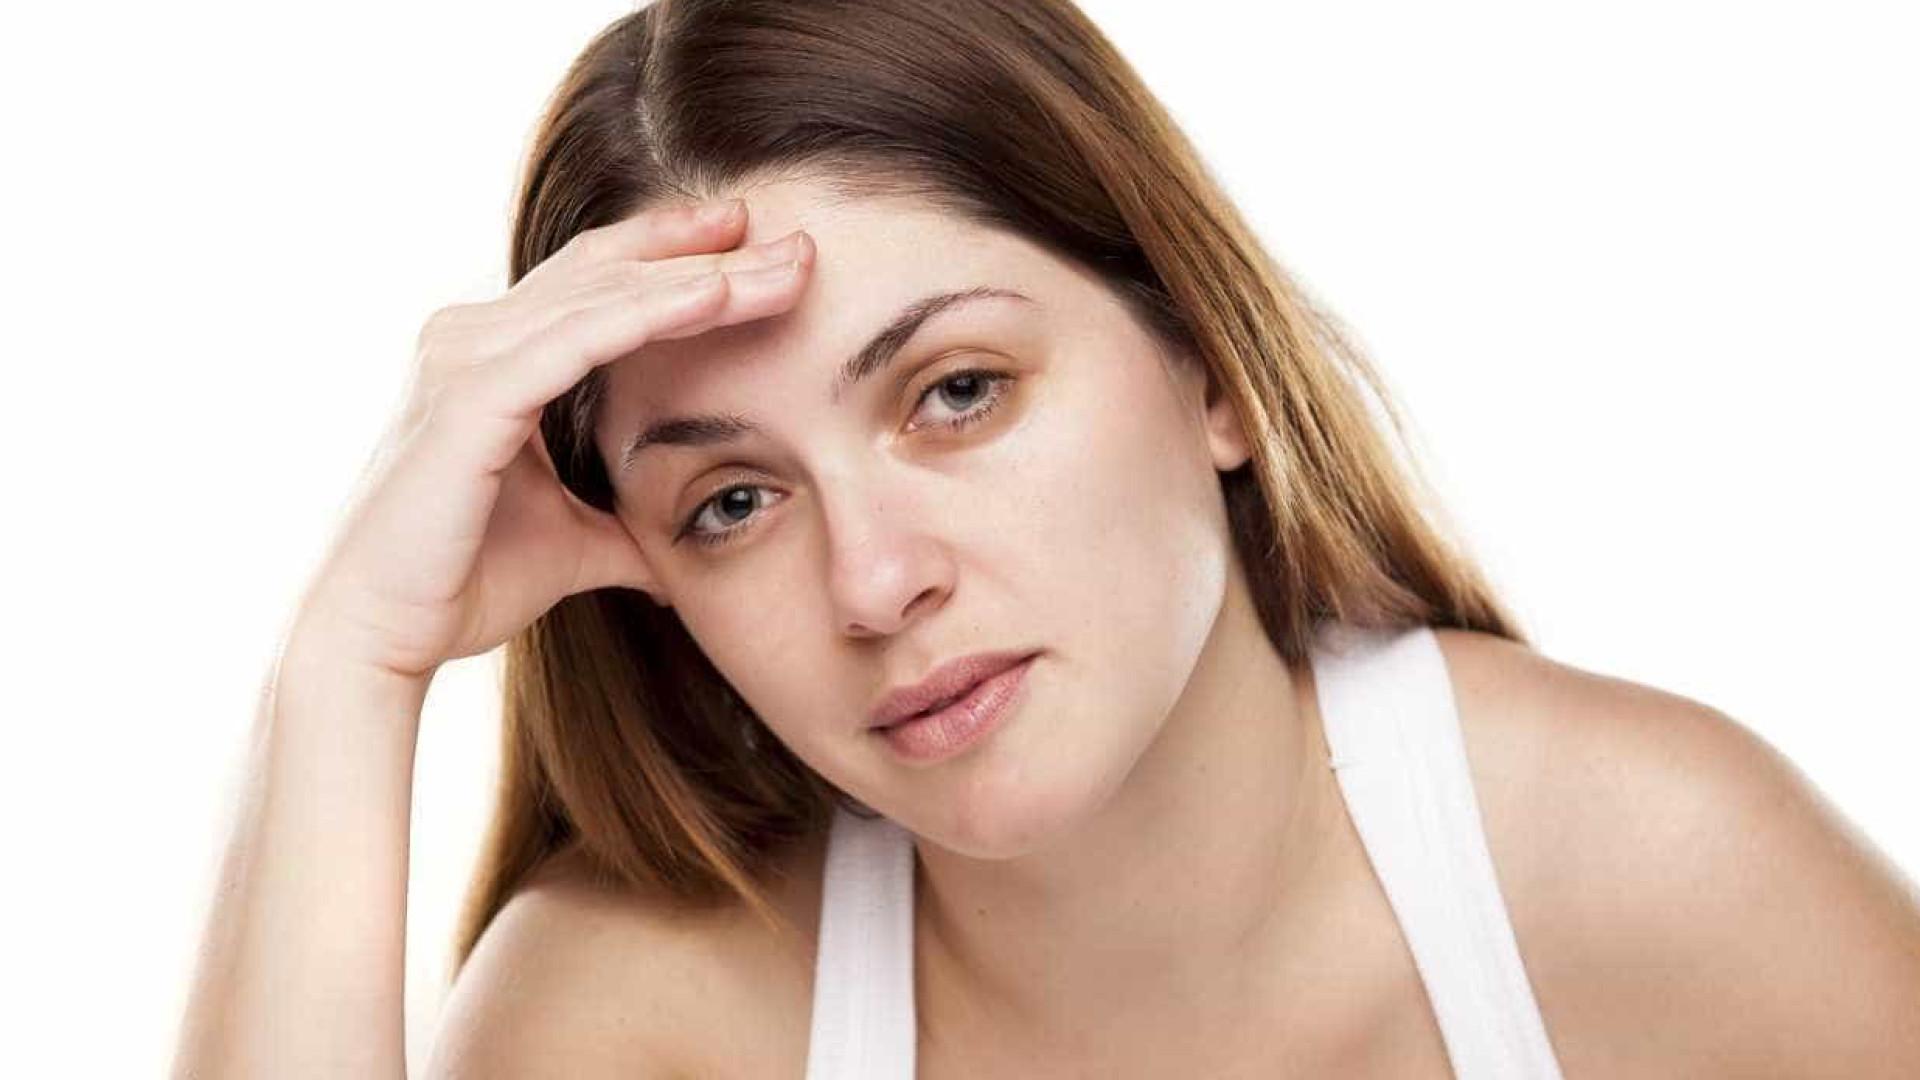 O truque do cotonete para diminuir as olheiras e os olhos inchados